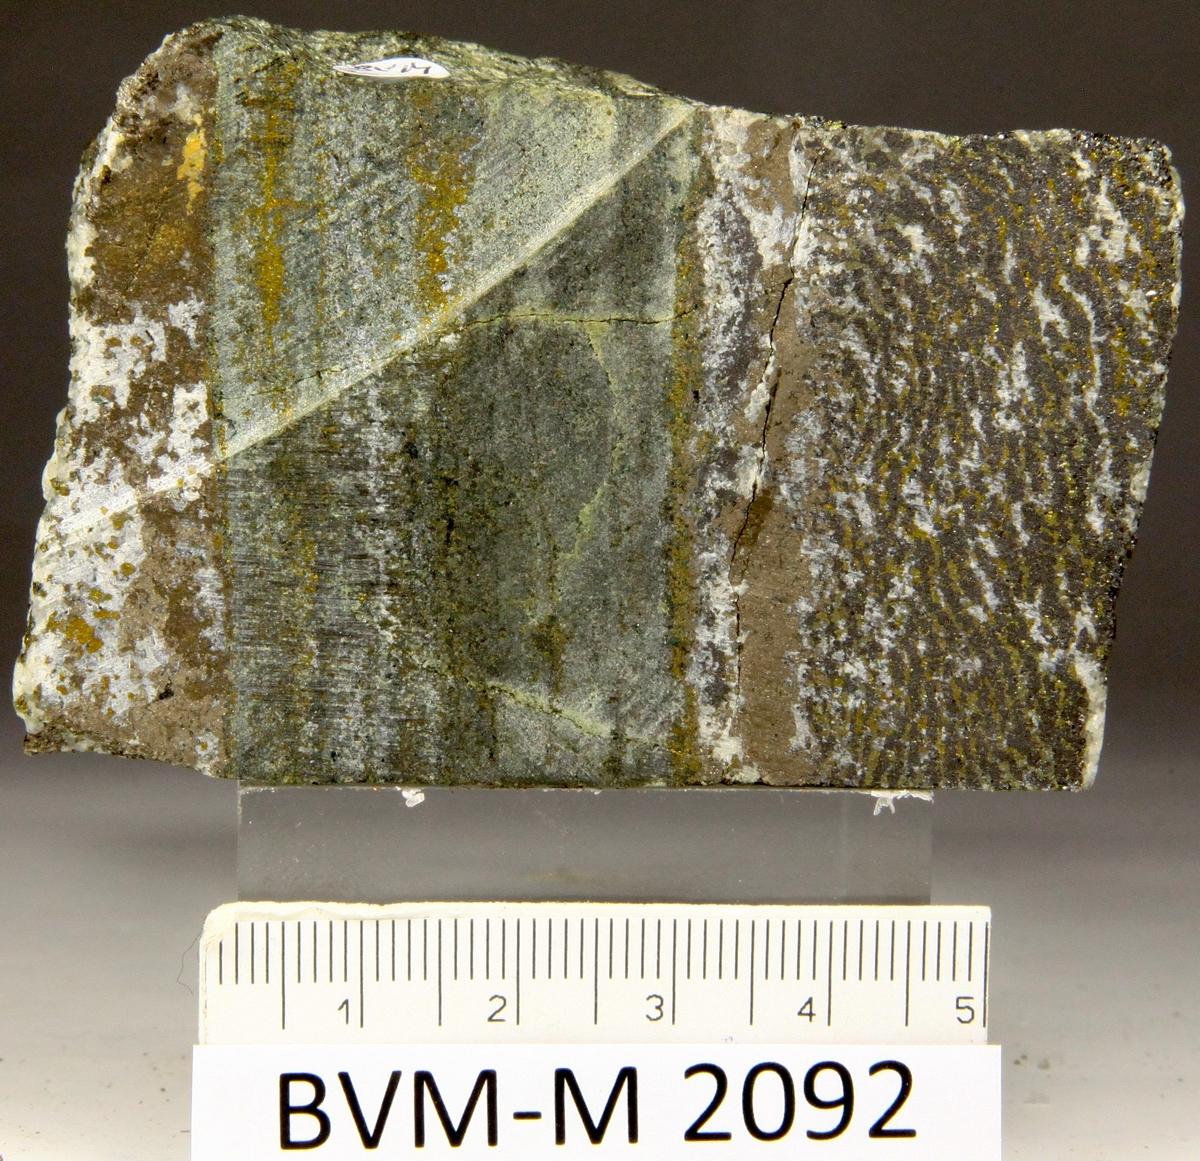 Skåret stykke av magnetitt/kismalm. Viscaria gruve. Stuffstørrelse: 7X4,8X2,5